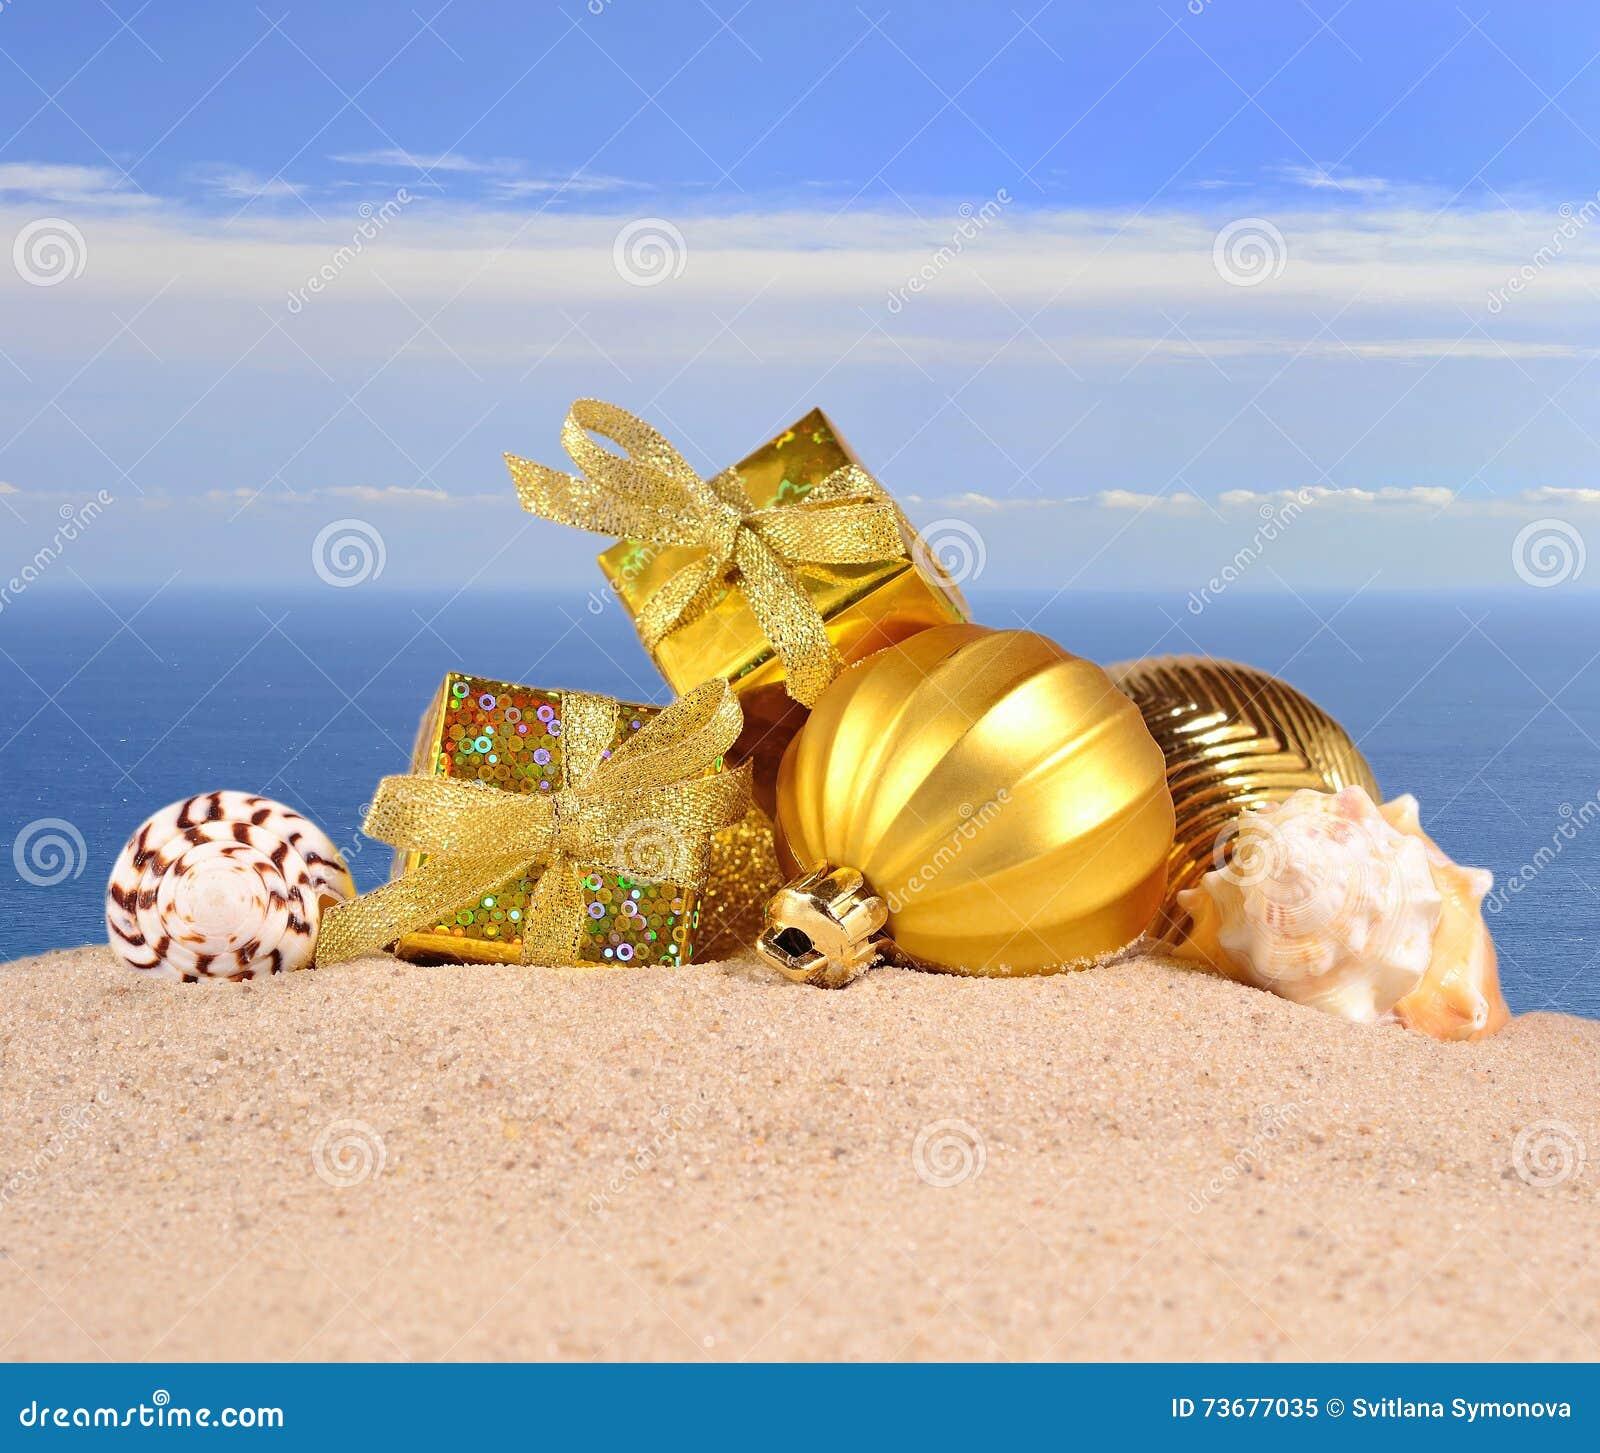 Decorazioni E Conchiglie Di Natale Su Una Sabbia Della Spiaggia